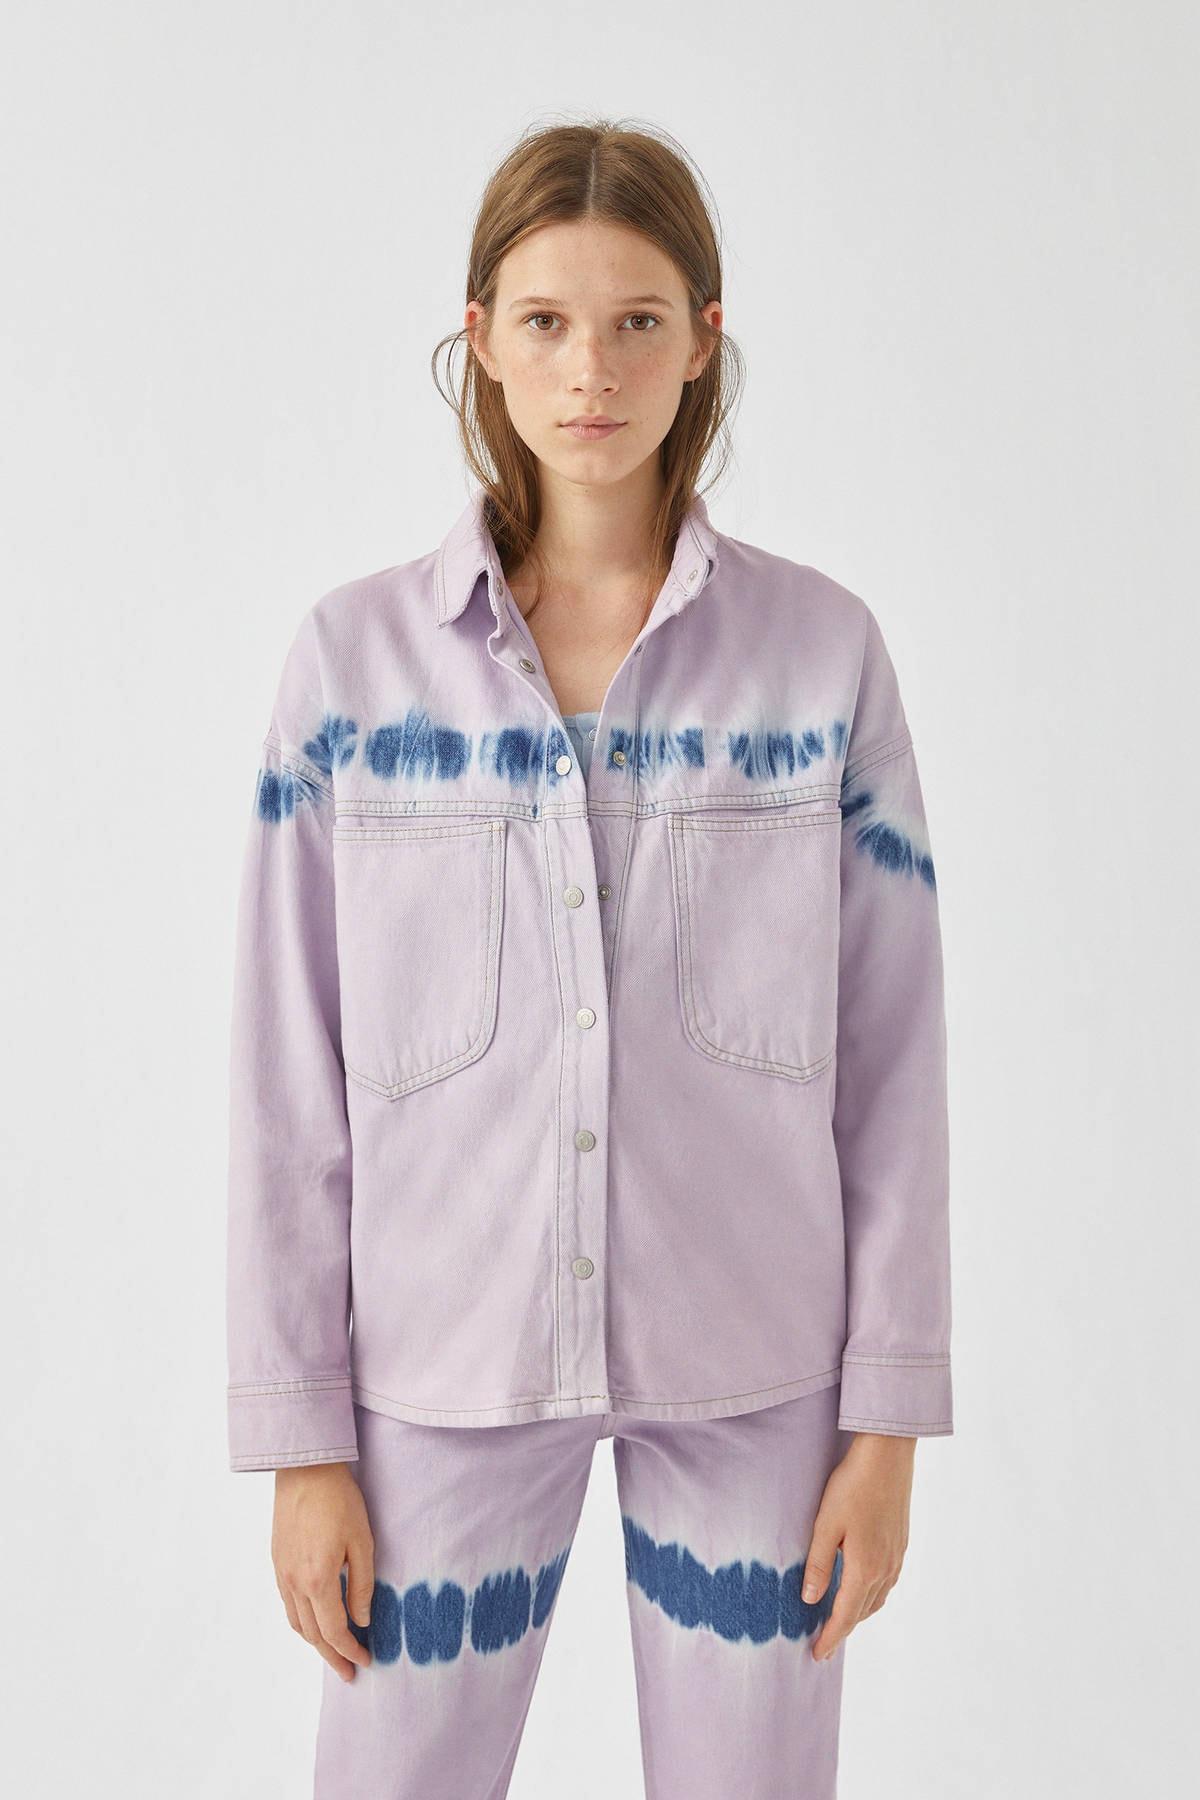 Pull & Bear Kadın Leylak Lila Batik Desenli Gömlek 09470302